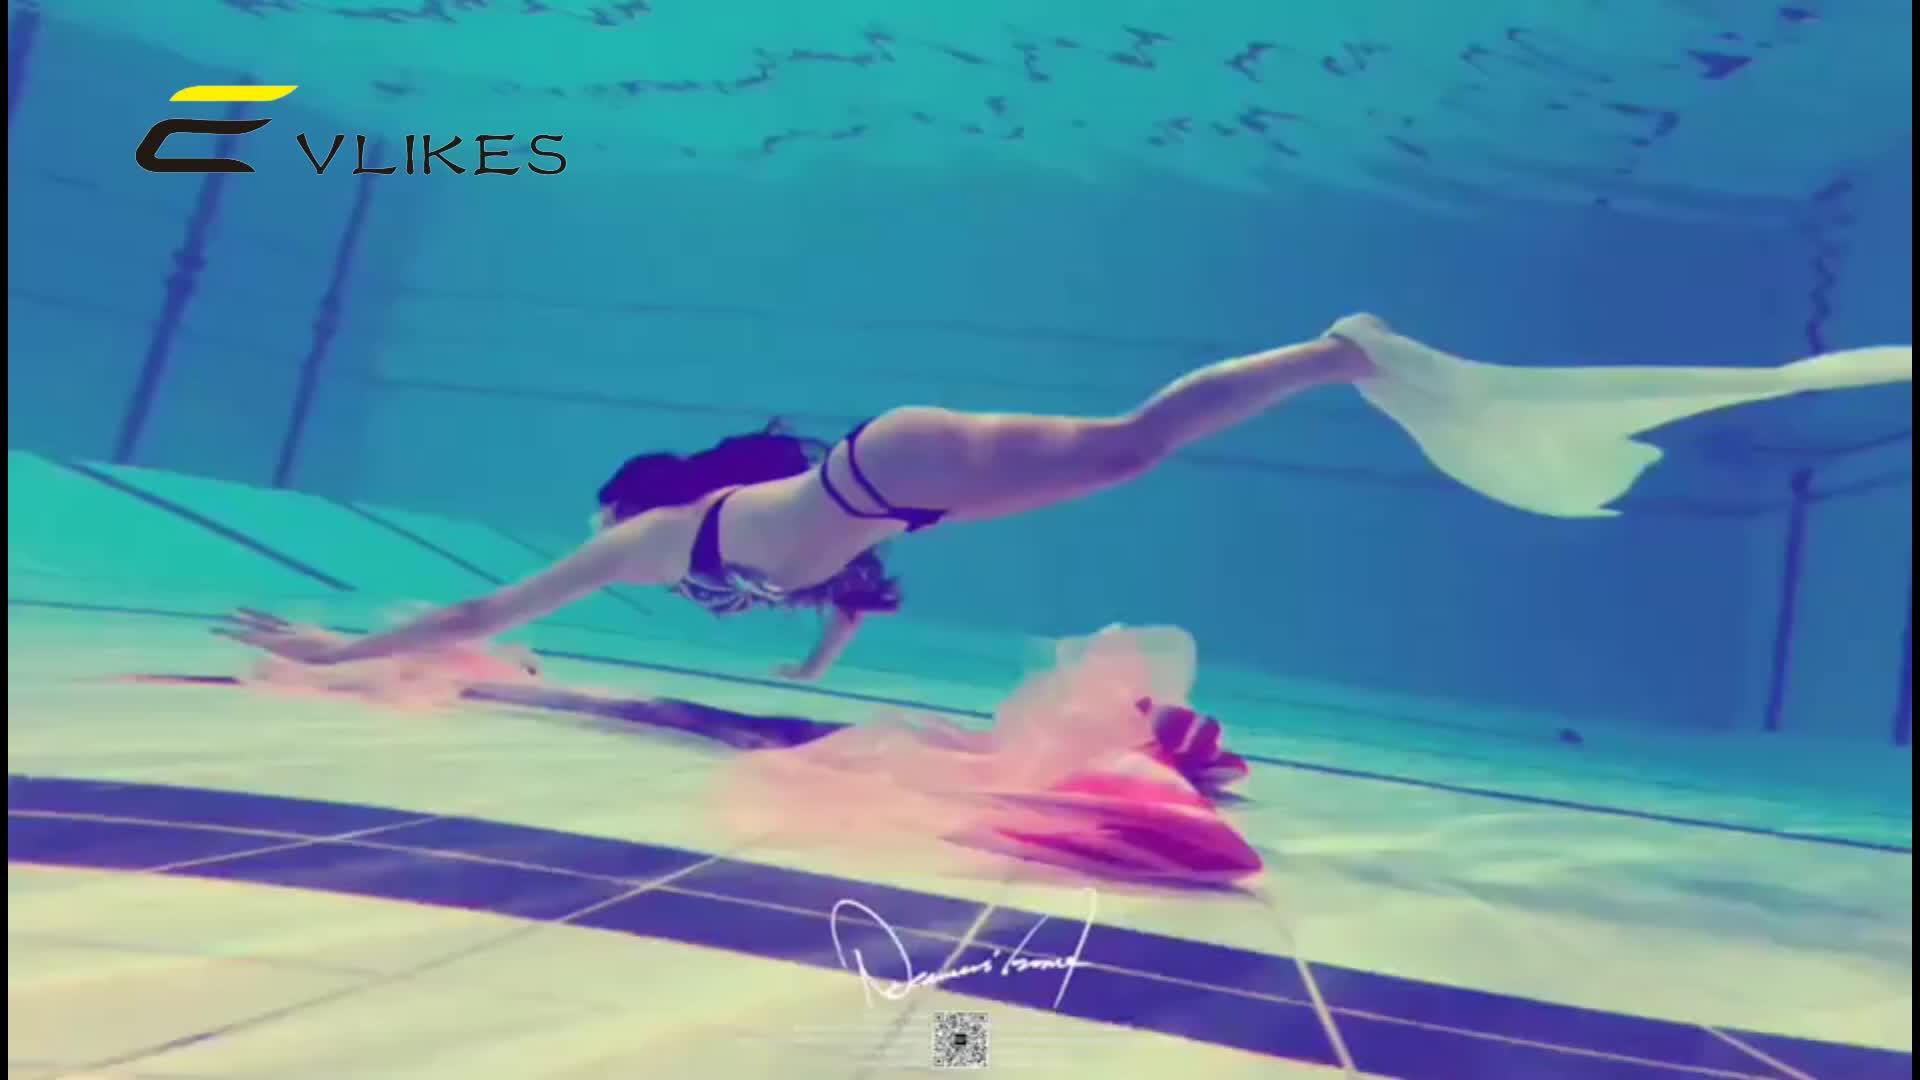 2020 アマゾンの新マーメイド水泳フィン子供のため、改善されたストラップ水着と Monofin 、マーメイド水泳フィン